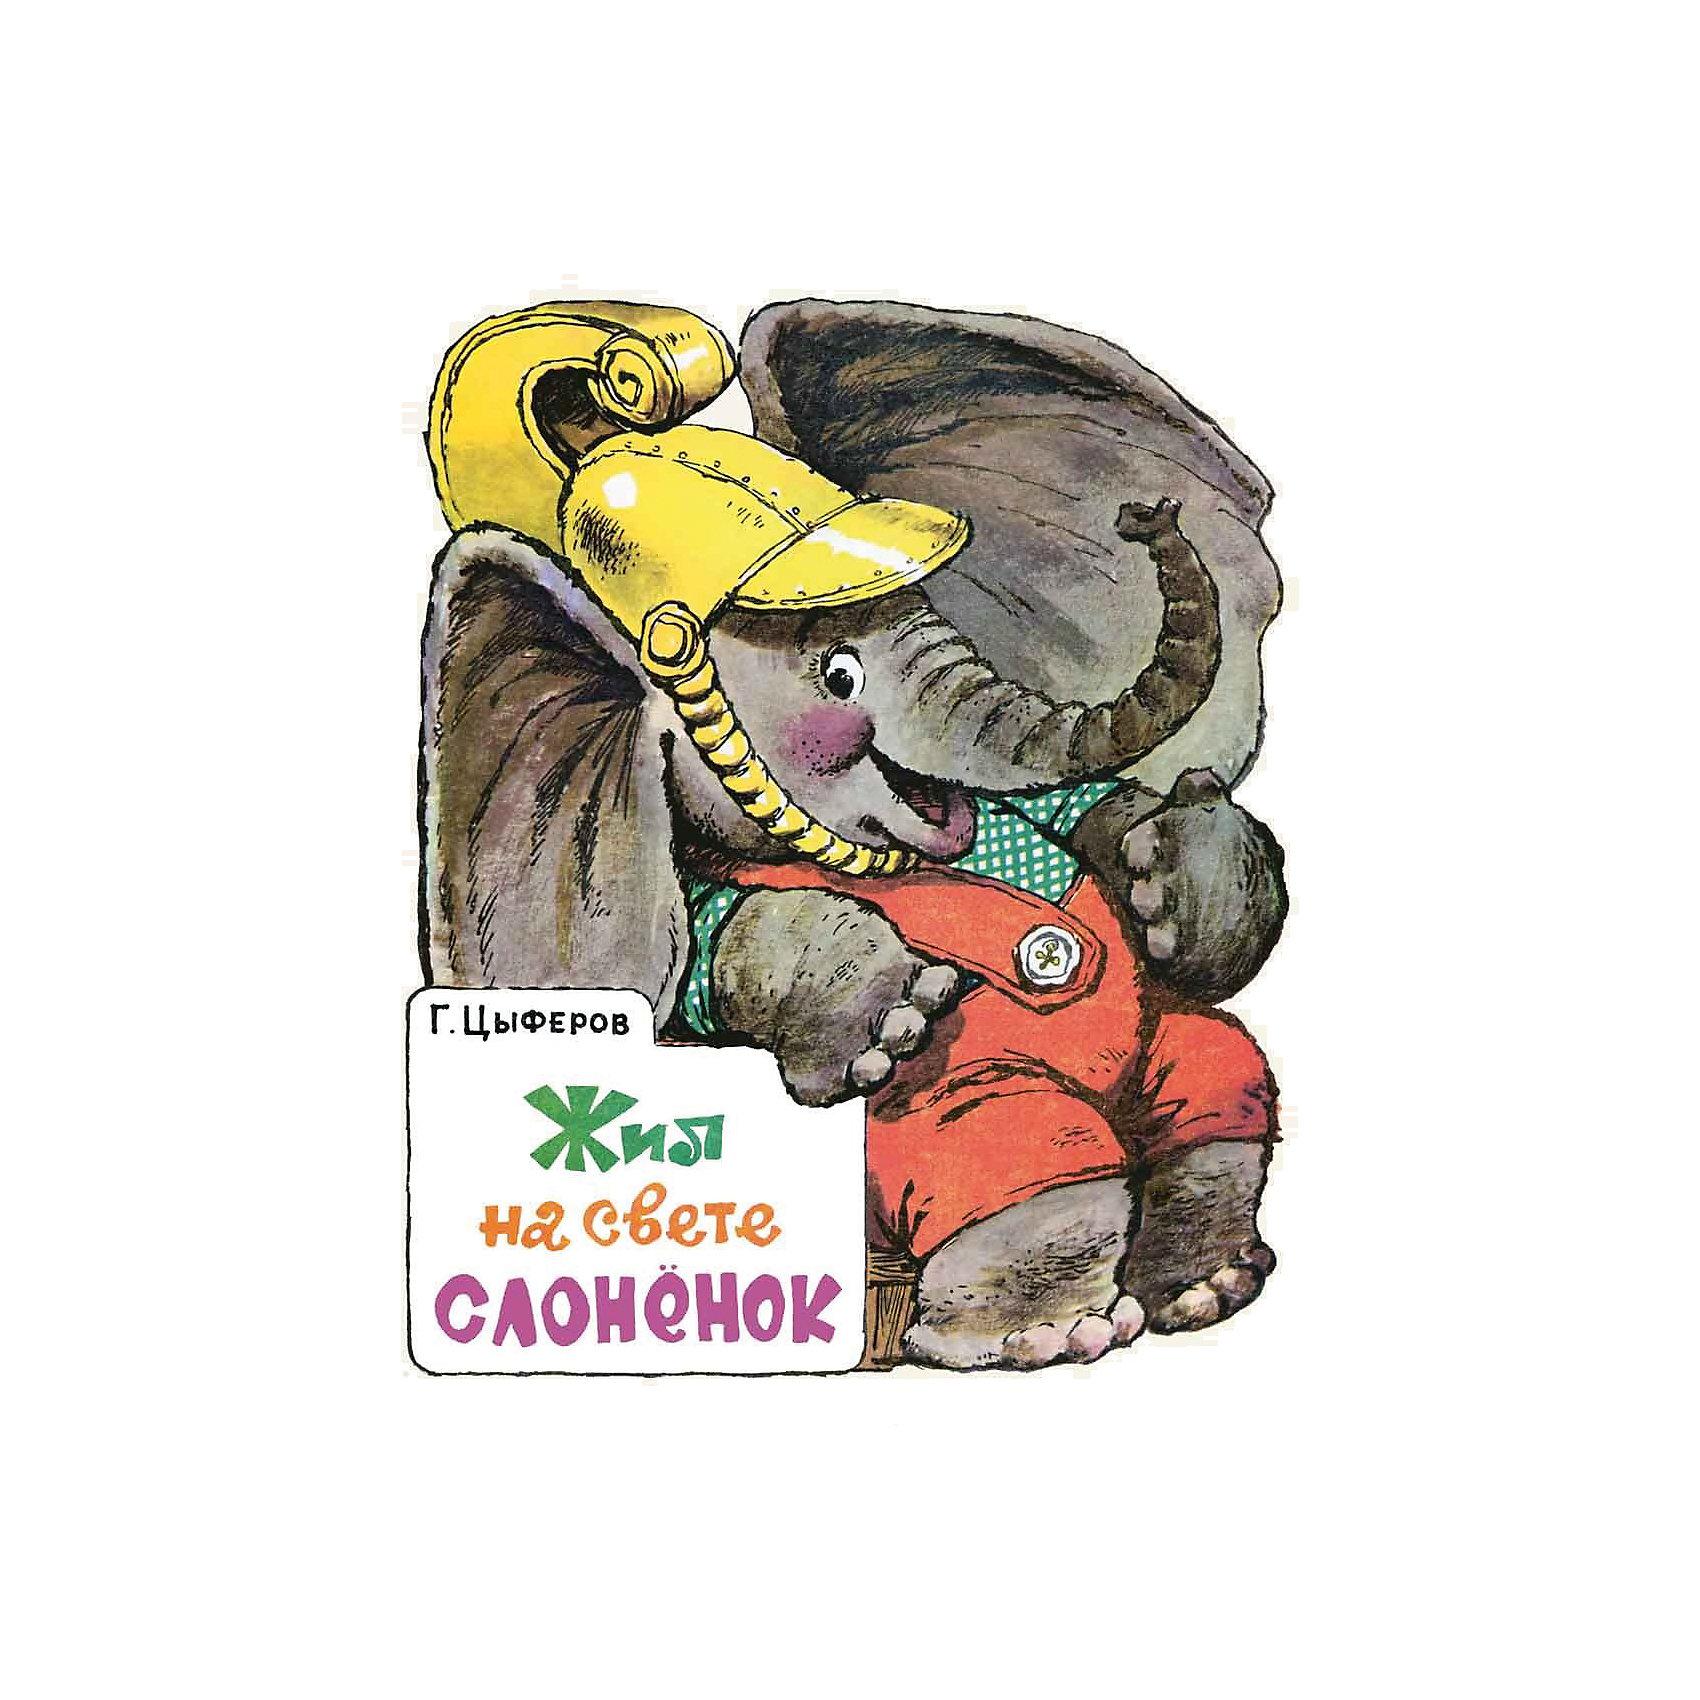 Жил на свете слоненок, Г. ЦыферовЖил на свете слоненок, Г. Цыферов - эта красочно иллюстрированная книга станет любимой книгой вашего малыша.<br>Добрая сказка Геннадия Цыферова расскажет малышам о том, что у каждого есть своё призвание. Чтобы понять, кем ты хочешь быть, нужно просто прислушаться к себе - и всё получится! А выразительные и красочные рисунки Тамары Зебровой сделают чтение ещё более увлекательным и приятным.<br><br>Дополнительная информация:<br><br>- Автор: Цыферов Геннадий Михайлович<br>- Художник: Зеброва Тамара<br>- Издательство: Речь, 2015 г.<br>- Серия: Любимая мамина книжка<br>- Тип обложки: мягкий переплет (крепление скрепкой или клеем)<br>- Иллюстрации: цветные<br>- Количество страниц: 16 (офсет)<br>- Размер: 260x200x2 мм.<br>- Вес: 86 гр.<br><br>Книгу «Жил на свете слоненок», Г. Цыферов можно купить в нашем интернет-магазине.<br><br>Ширина мм: 200<br>Глубина мм: 2<br>Высота мм: 260<br>Вес г: 110<br>Возраст от месяцев: 0<br>Возраст до месяцев: 72<br>Пол: Унисекс<br>Возраст: Детский<br>SKU: 4522430